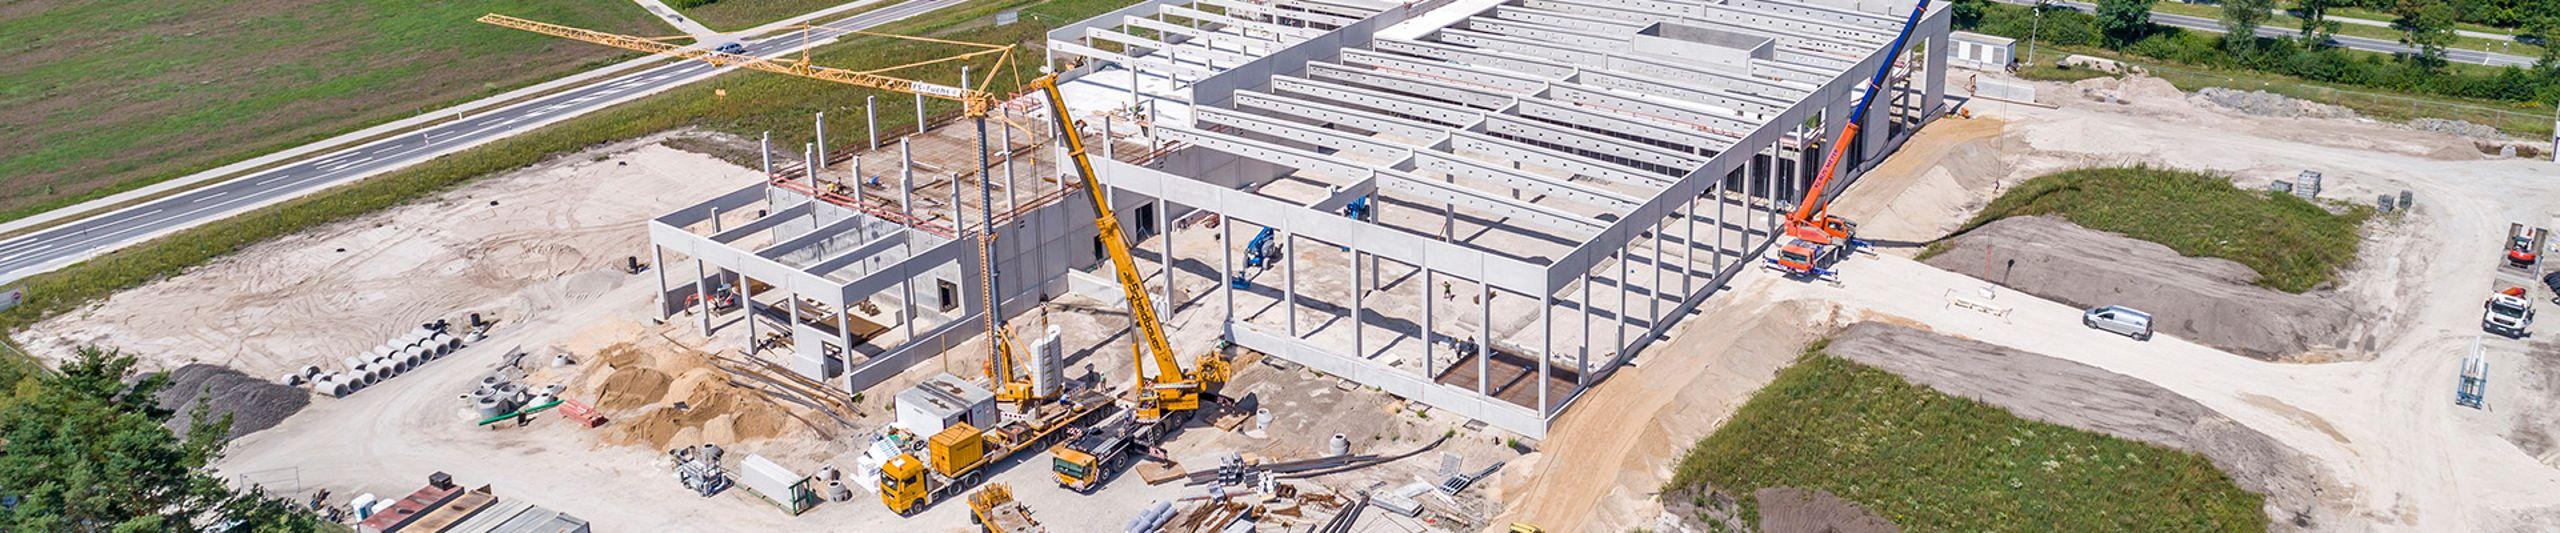 Betonfertigteile für Hoch- und Ingenieurbau